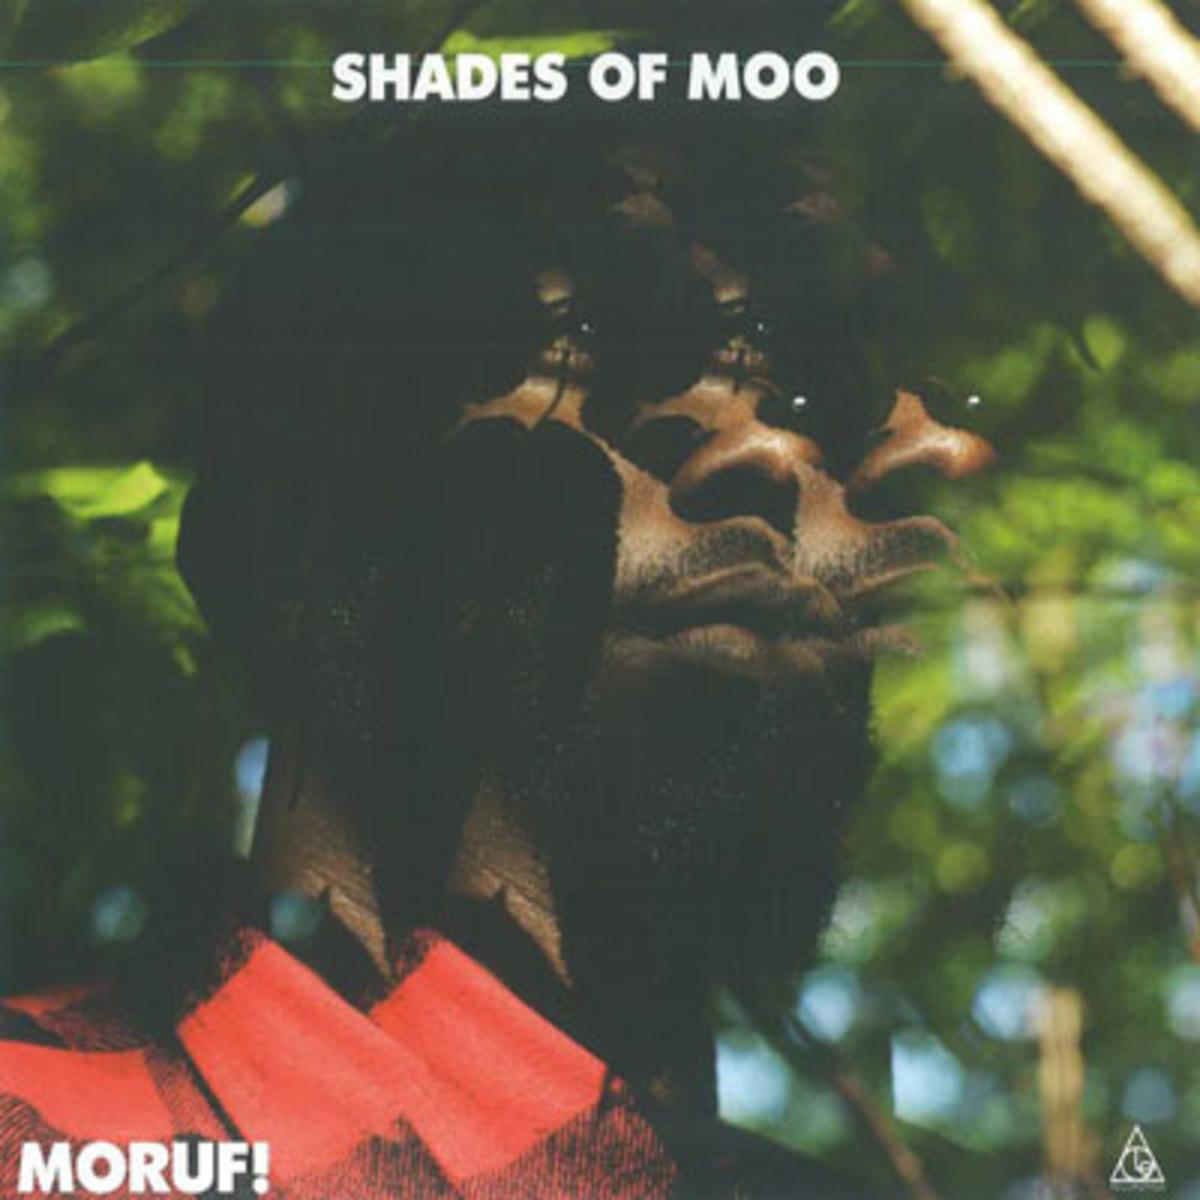 moruf-shadesofmoo.jpg